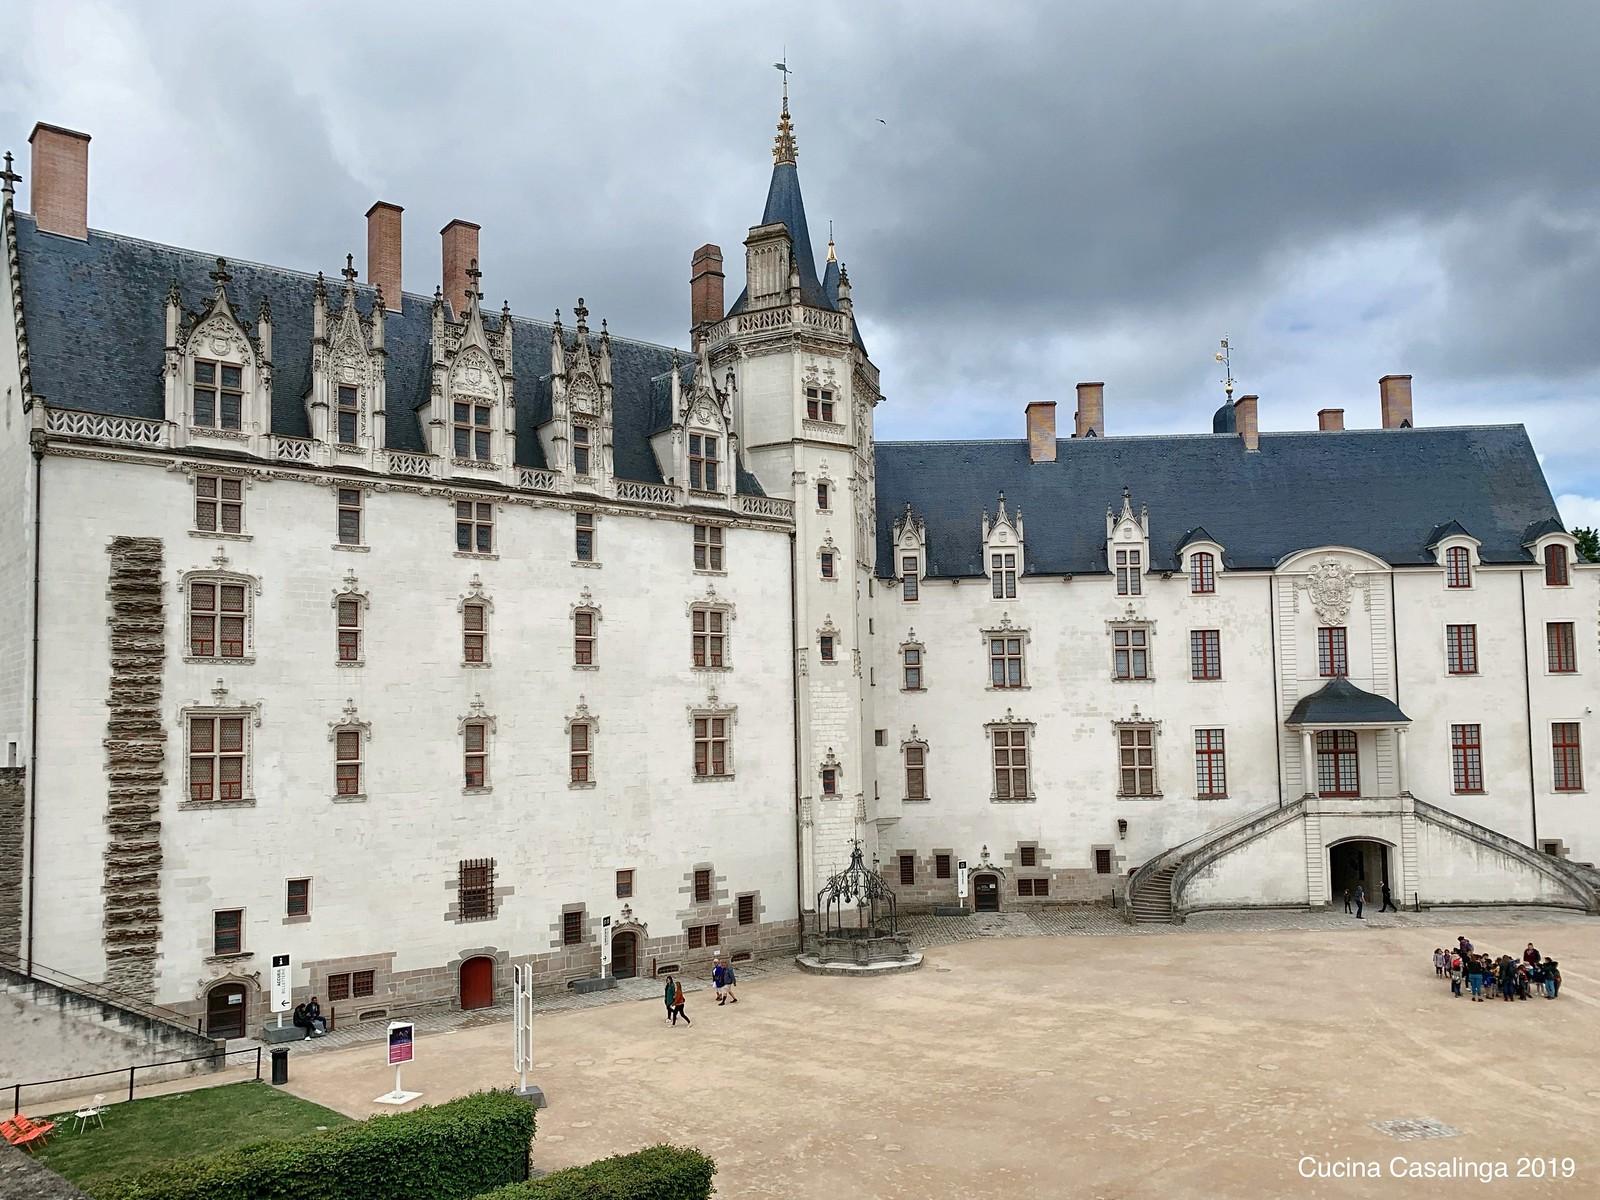 Nantes - Chateau de ducs - Innenhof